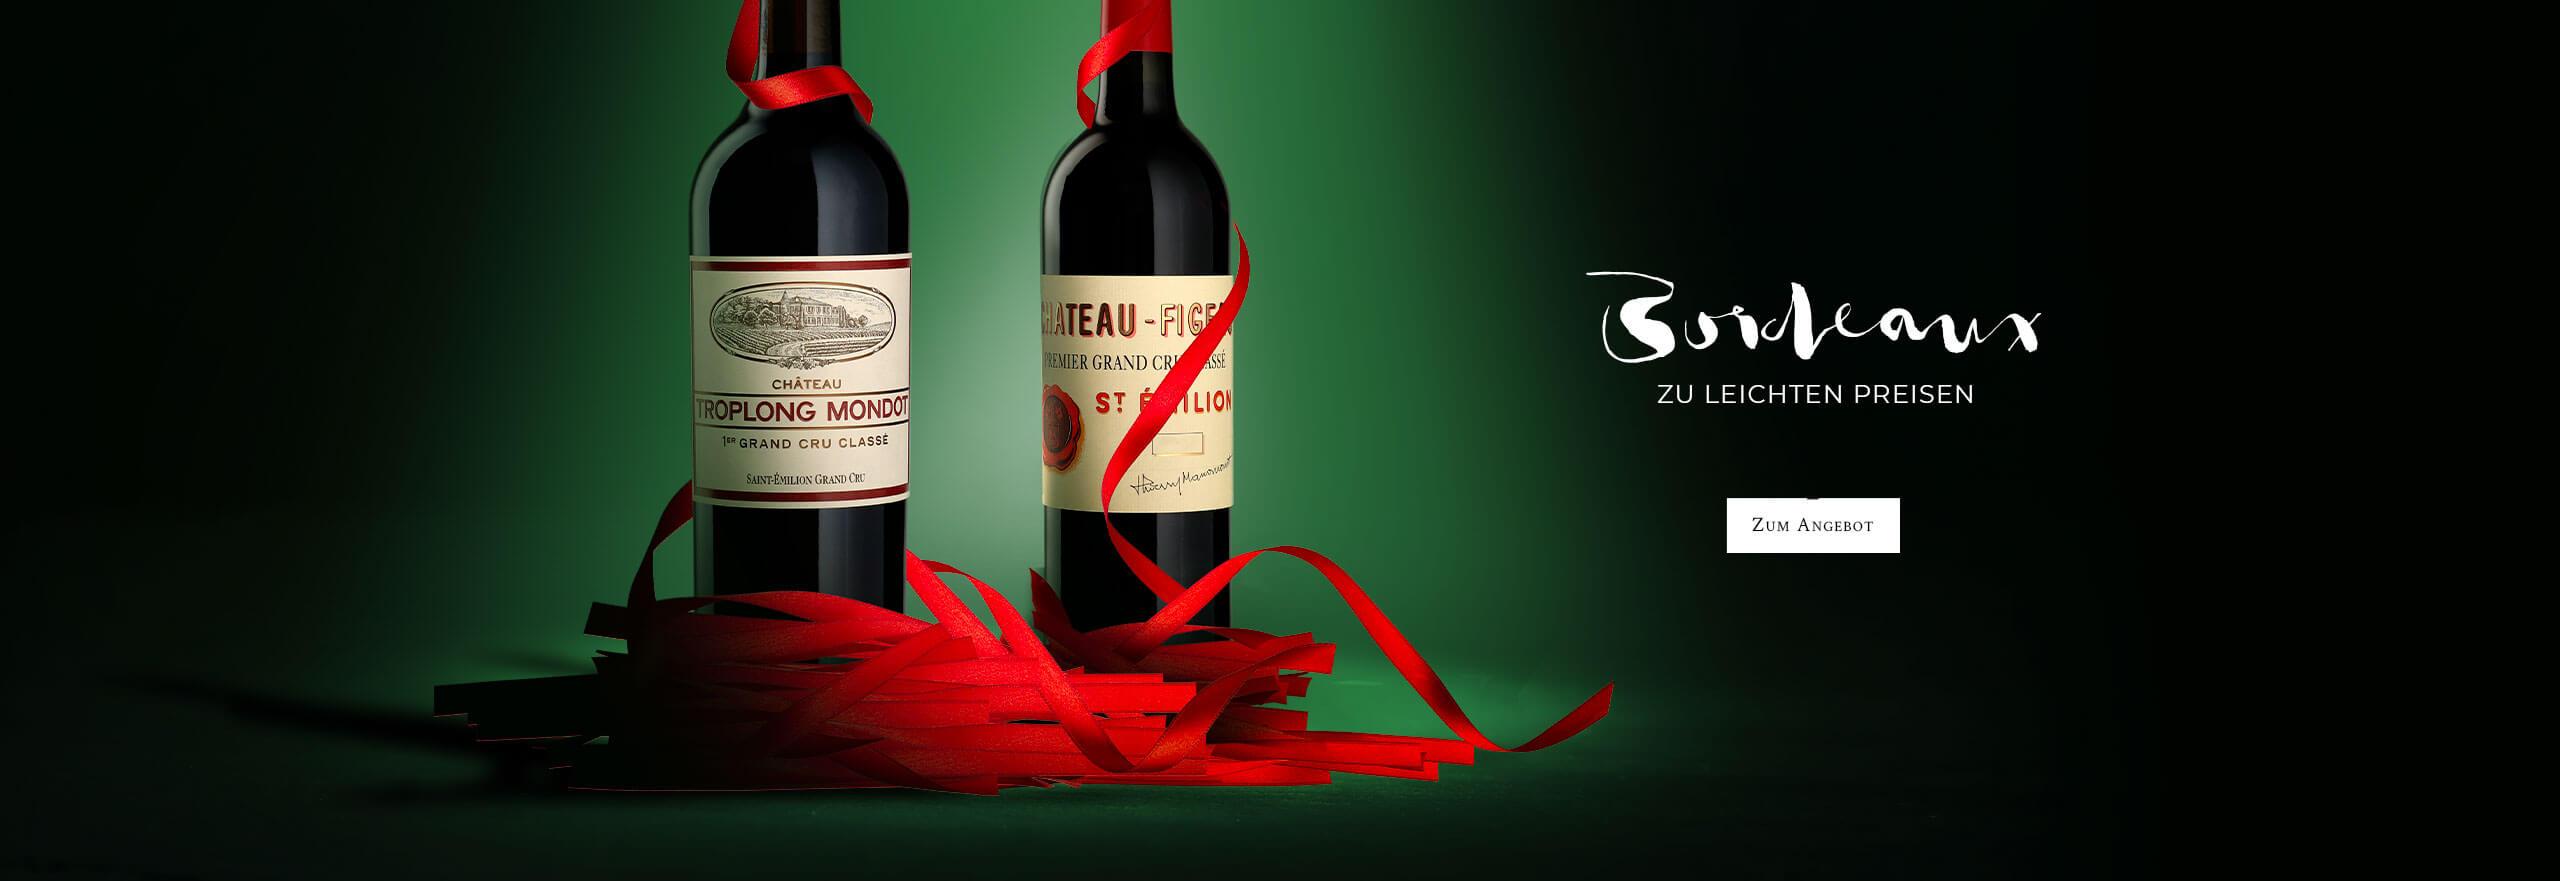 Bordeaux zu leichten Preise: Bis zu 30 % Rabatt ab sofort!